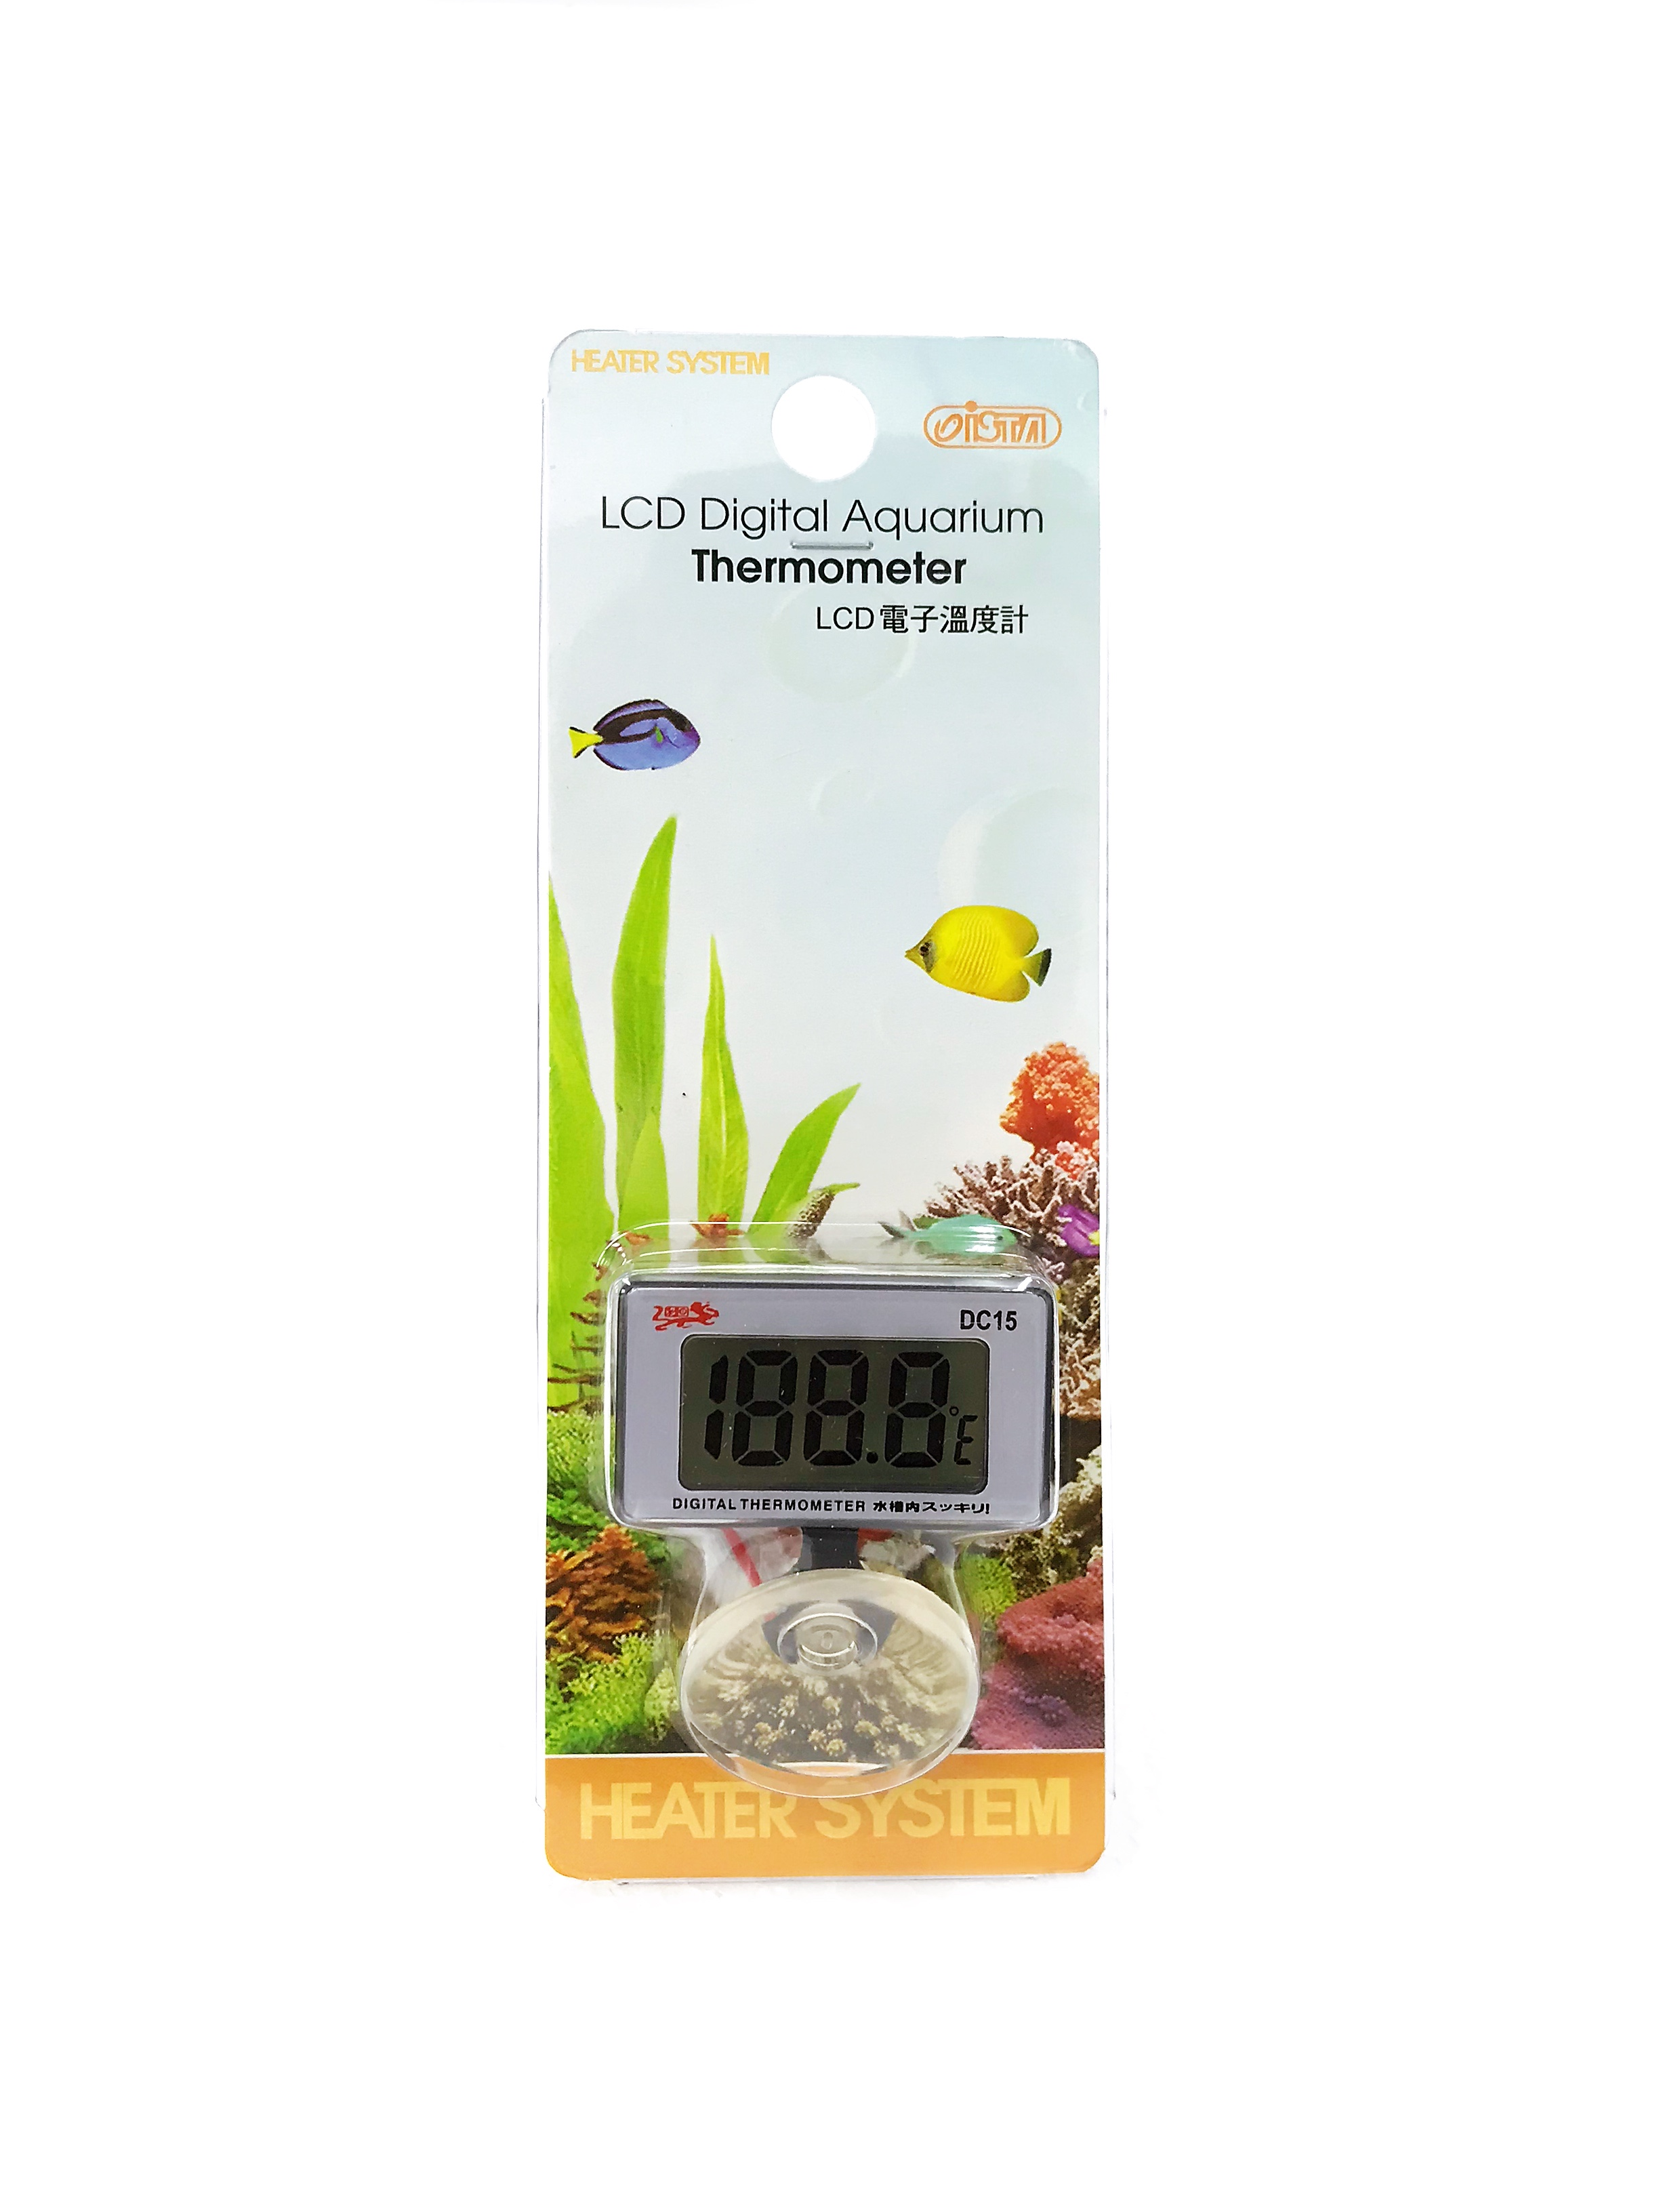 Ista Lcd Digital Aquarium Thermometer